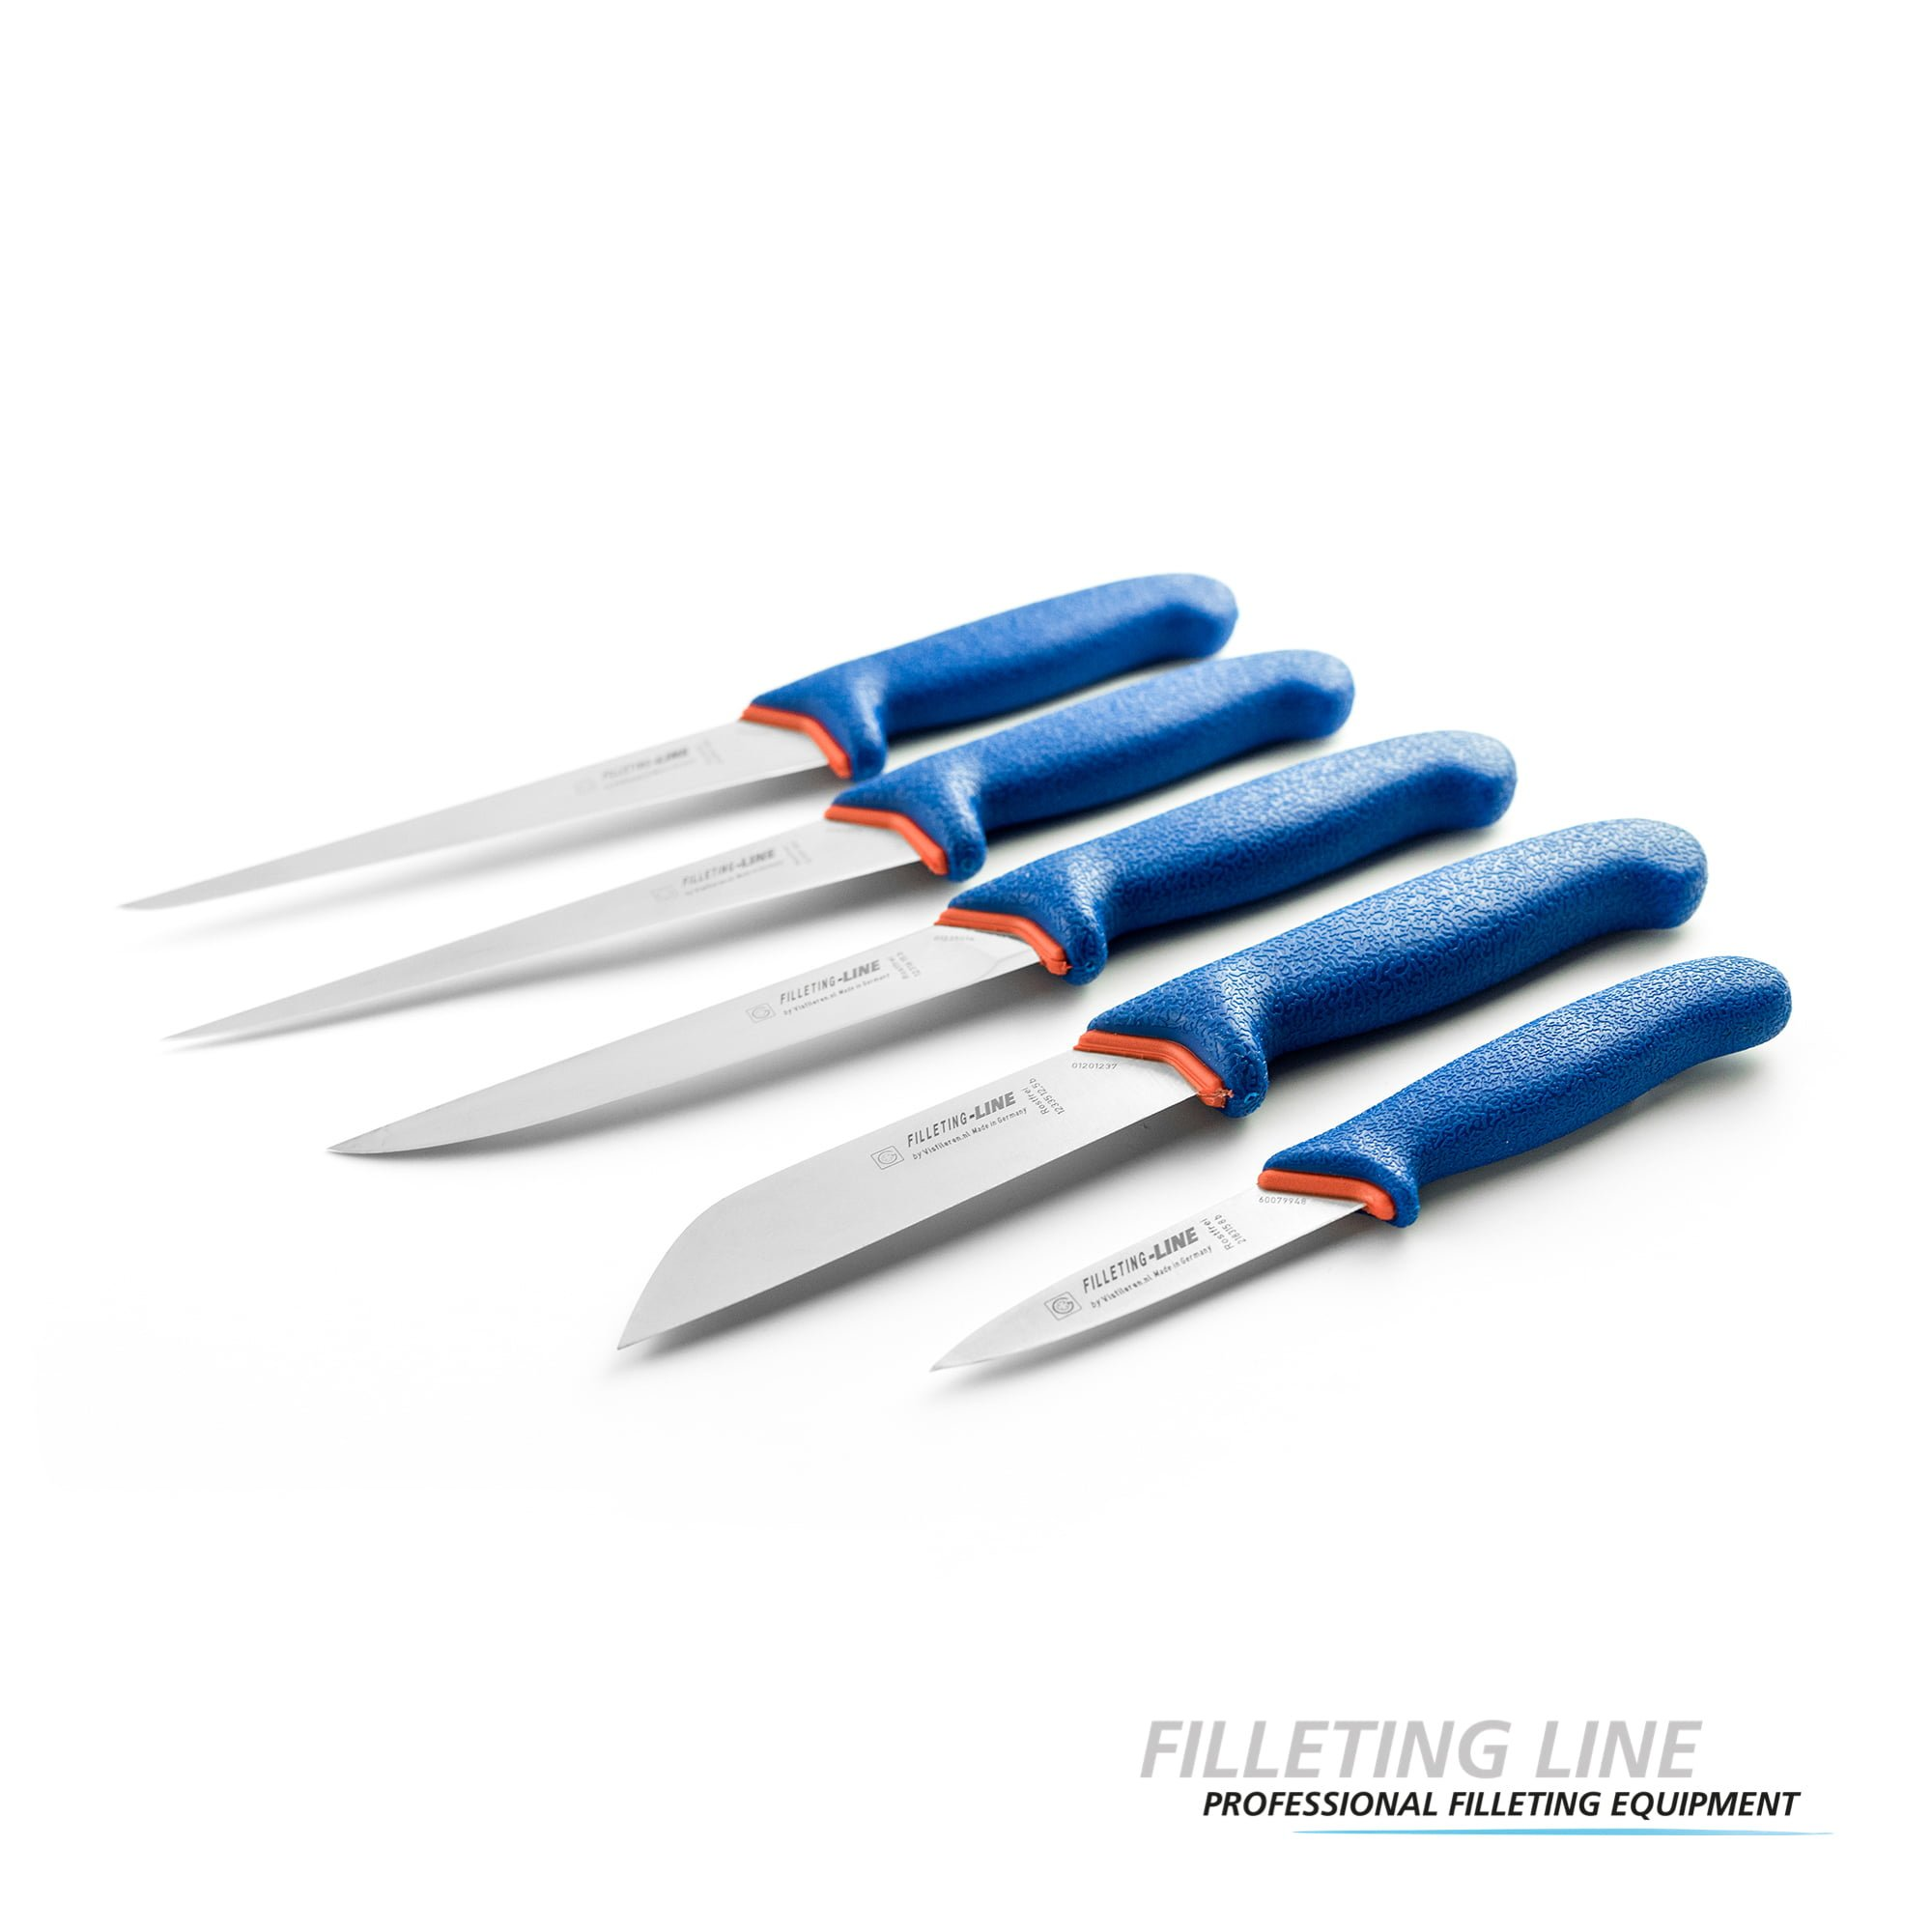 FILLETING LINE_2000x2000_SET_logo-31